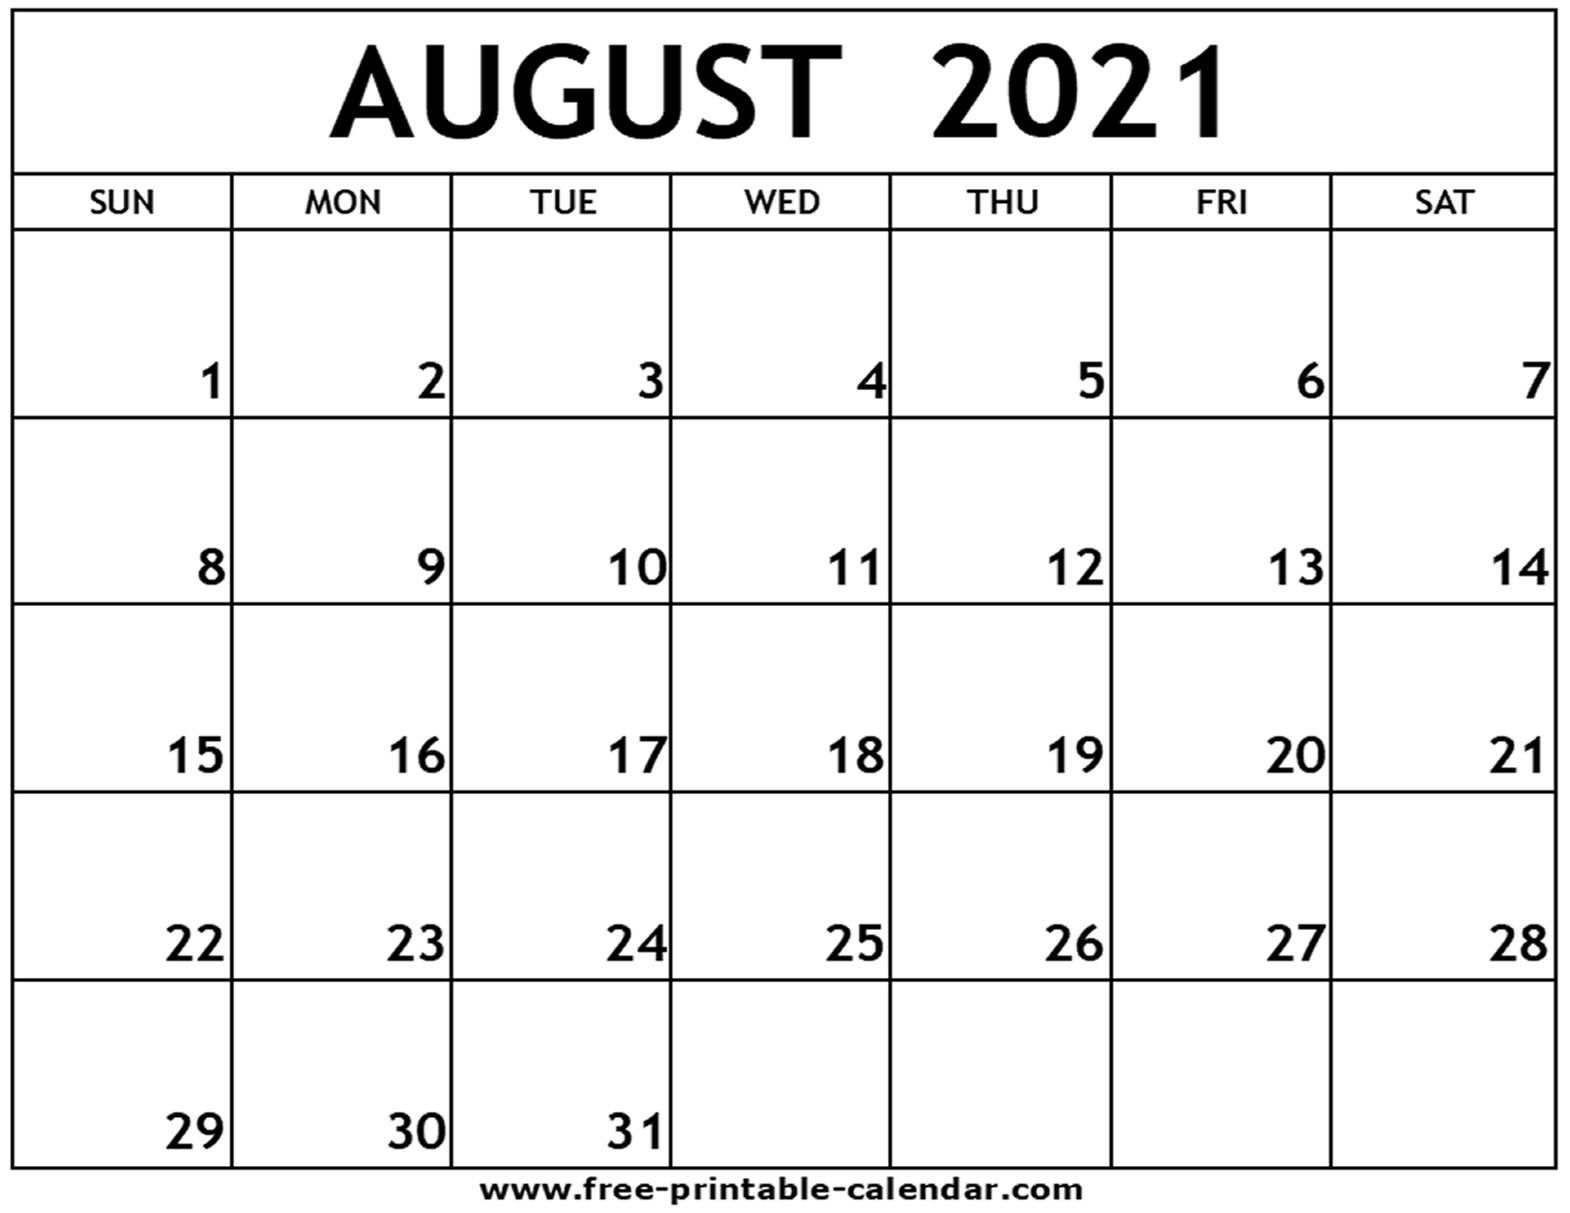 Get August Calendar 2021